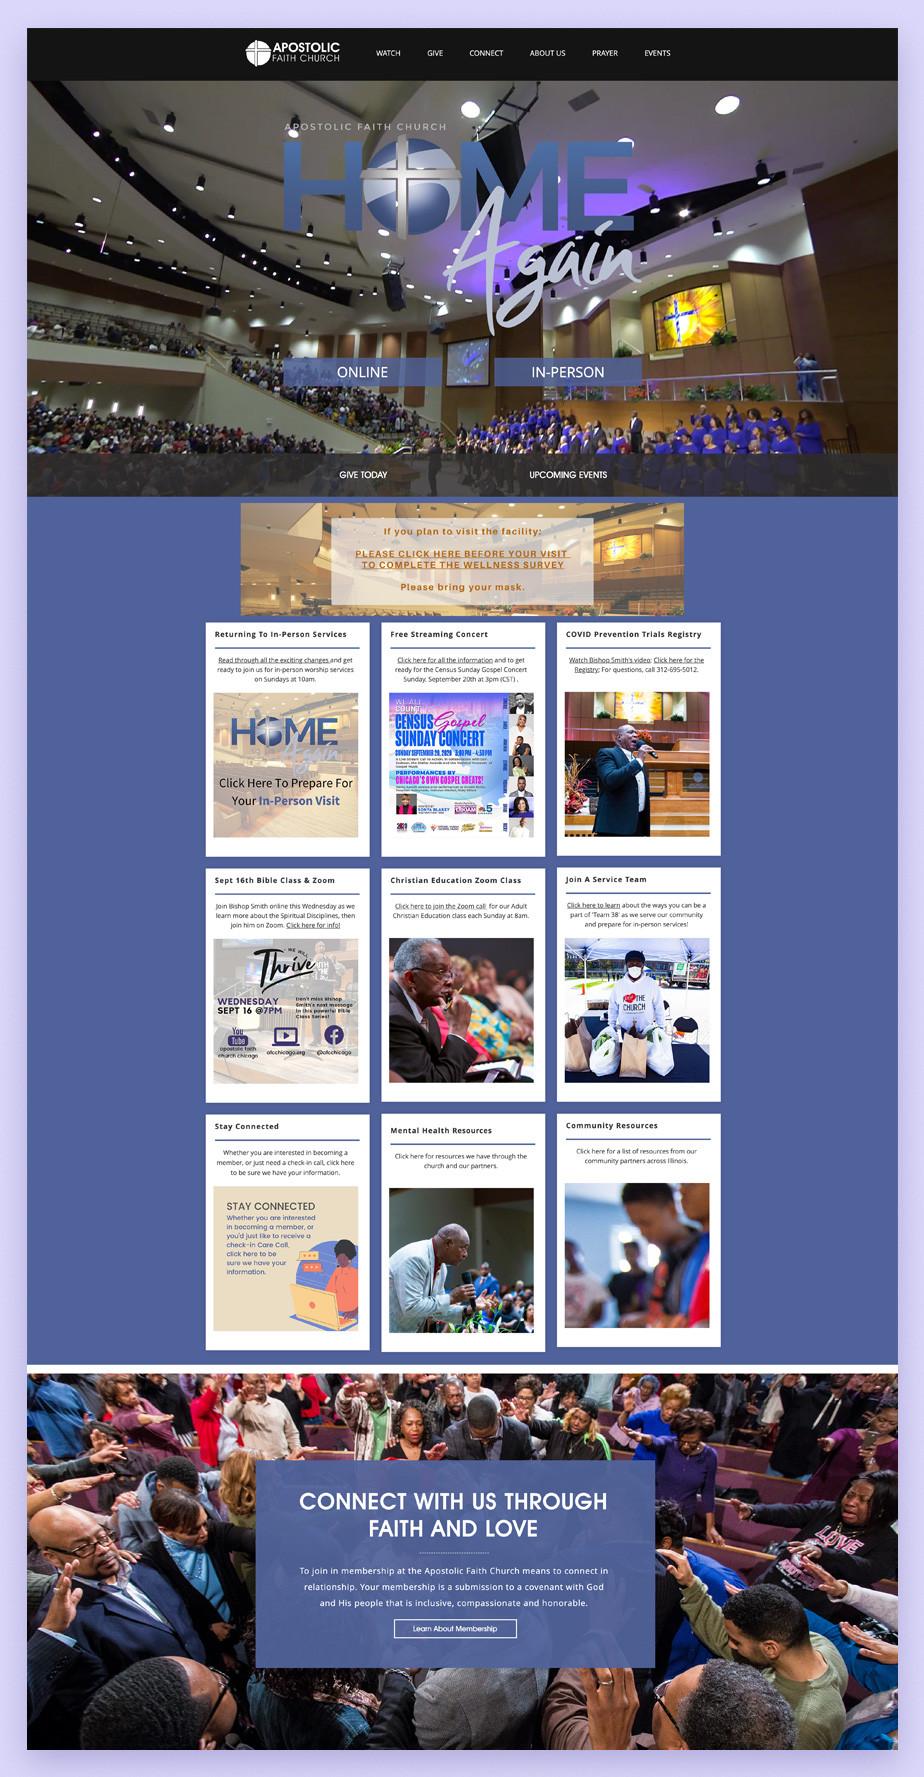 Best church websites example by Apostolic Faith Church